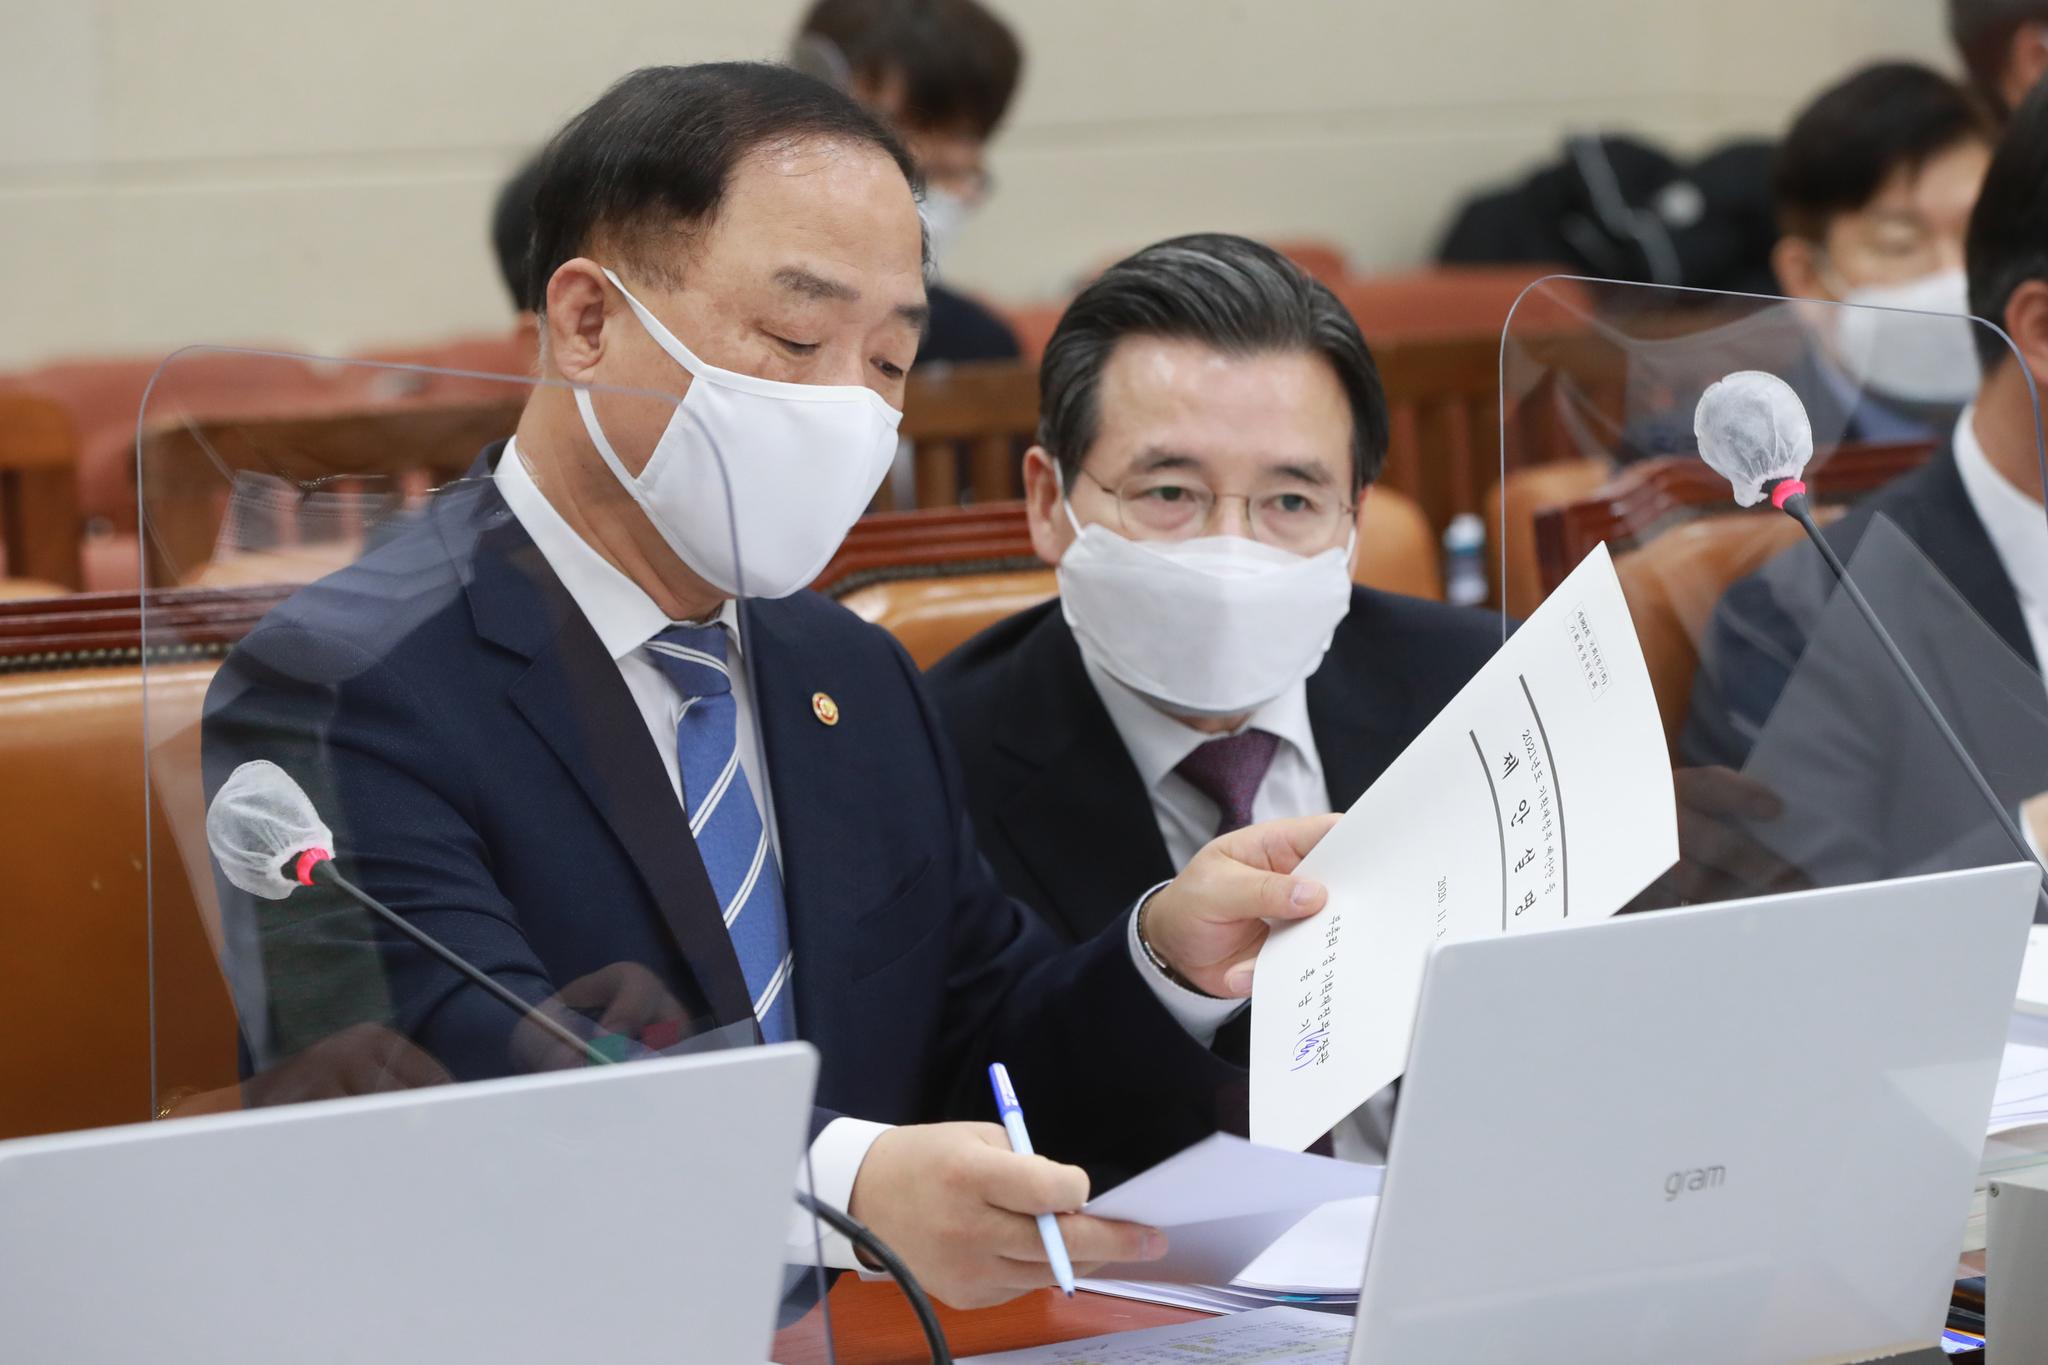 홍남기 부총리 겸 기획재정부 장관(왼쪽)과 김용범 1차관. 중앙포토